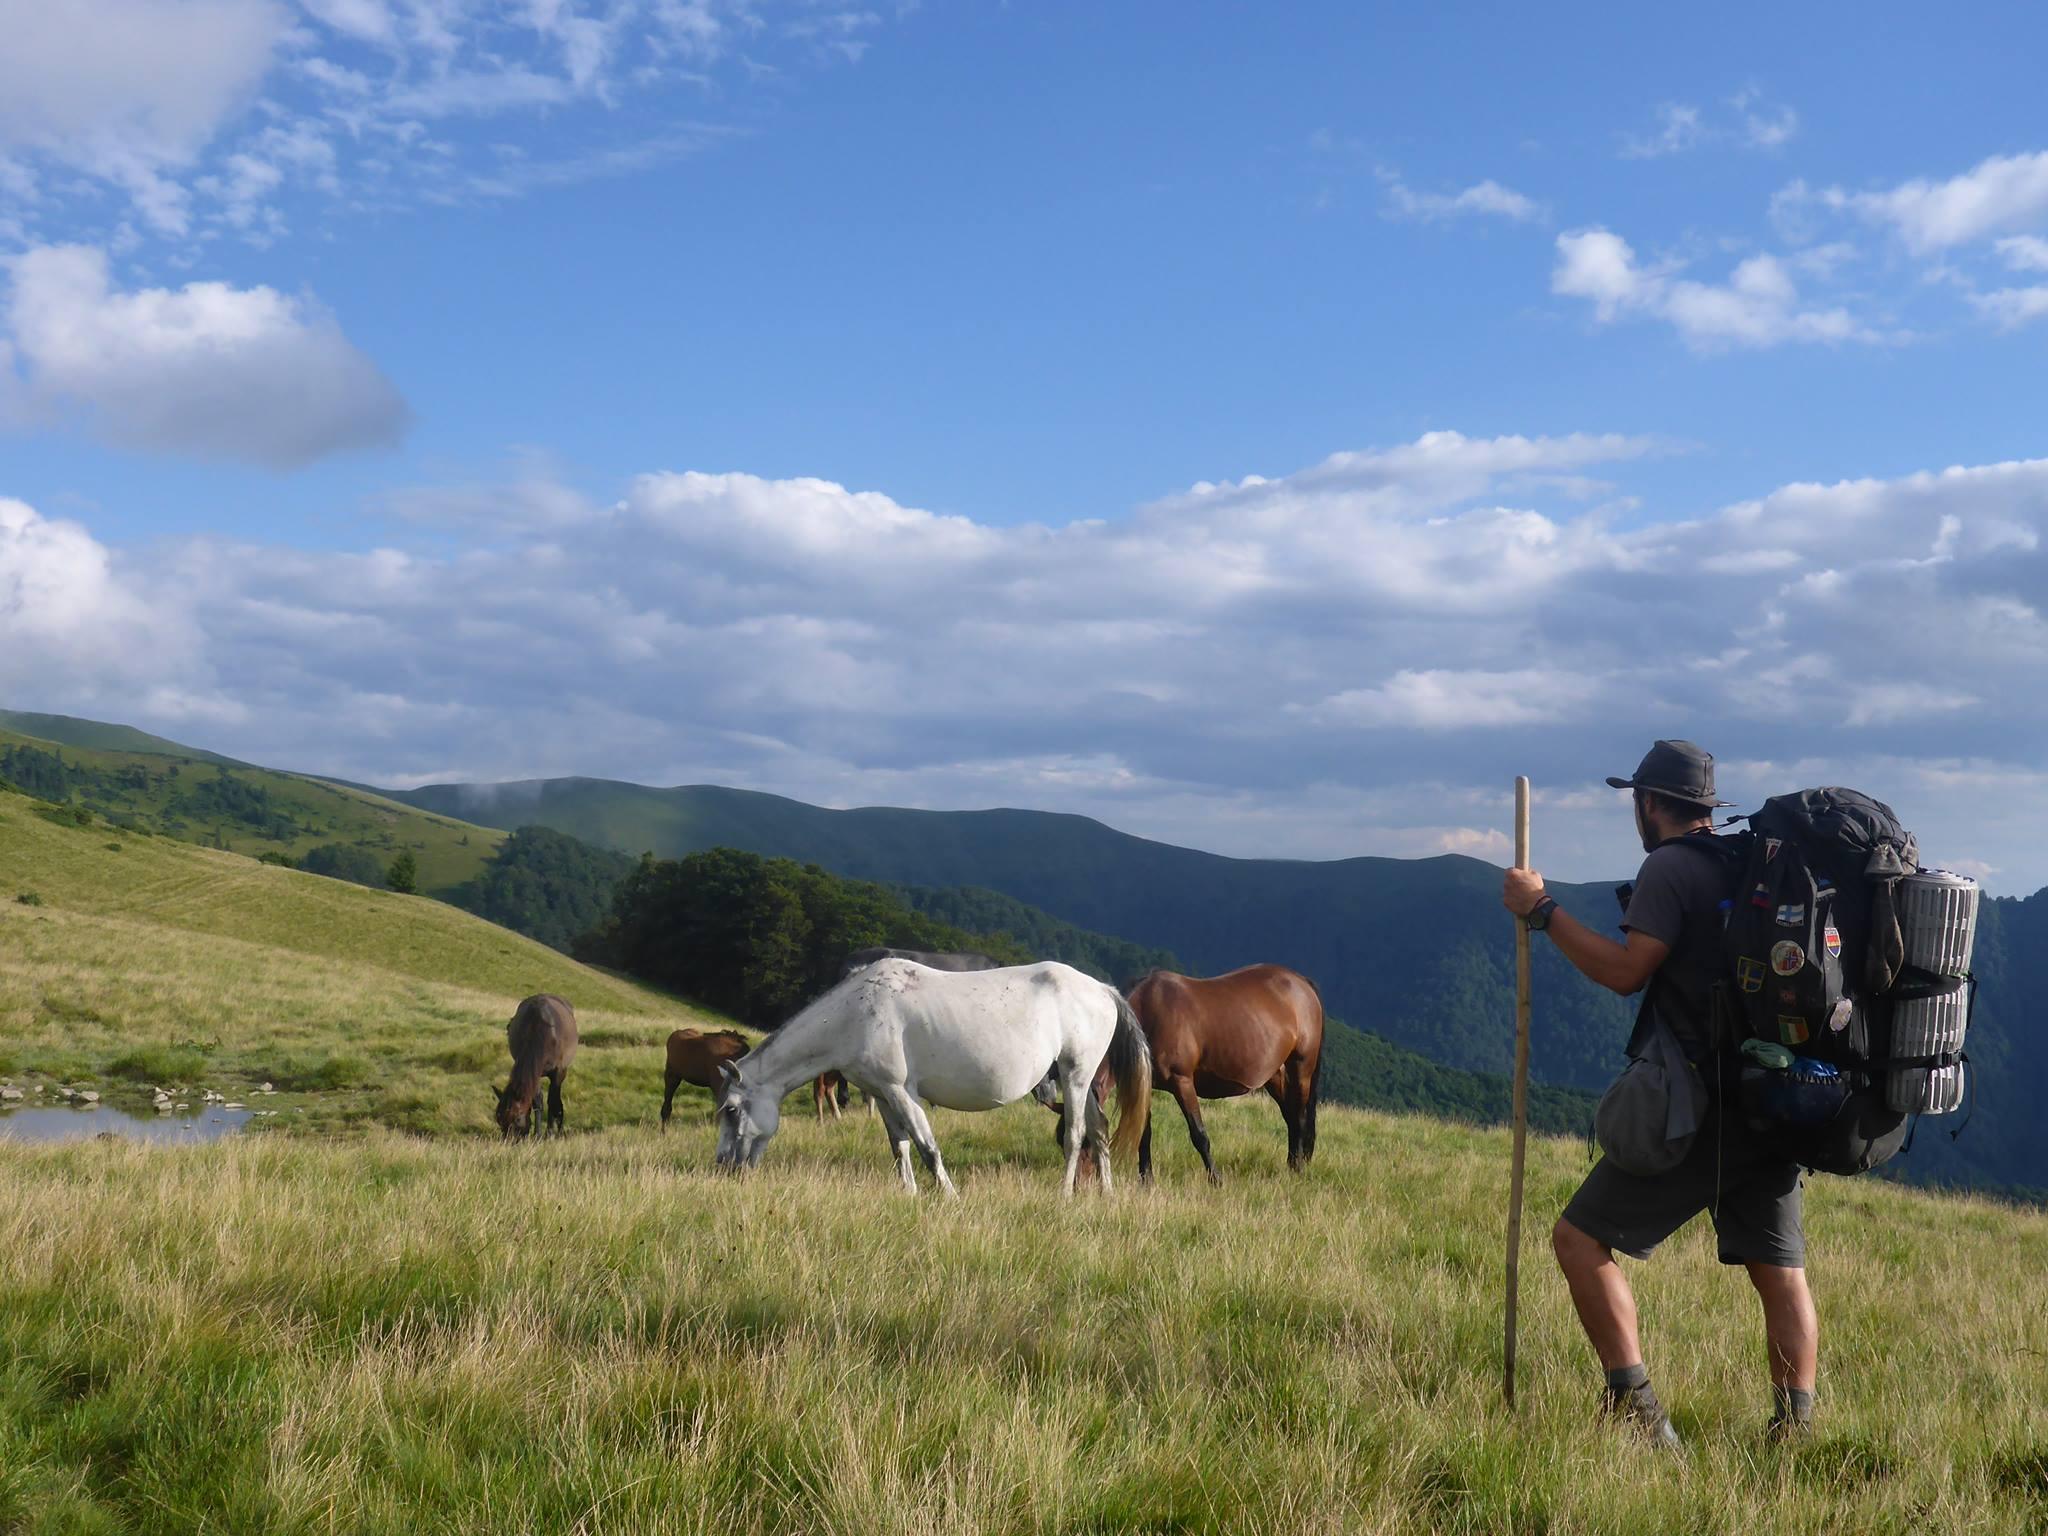 Des chevaux en semi-liberté vagabondent autour de moi; L'instant est féerique tant je ne m'y attendais pas